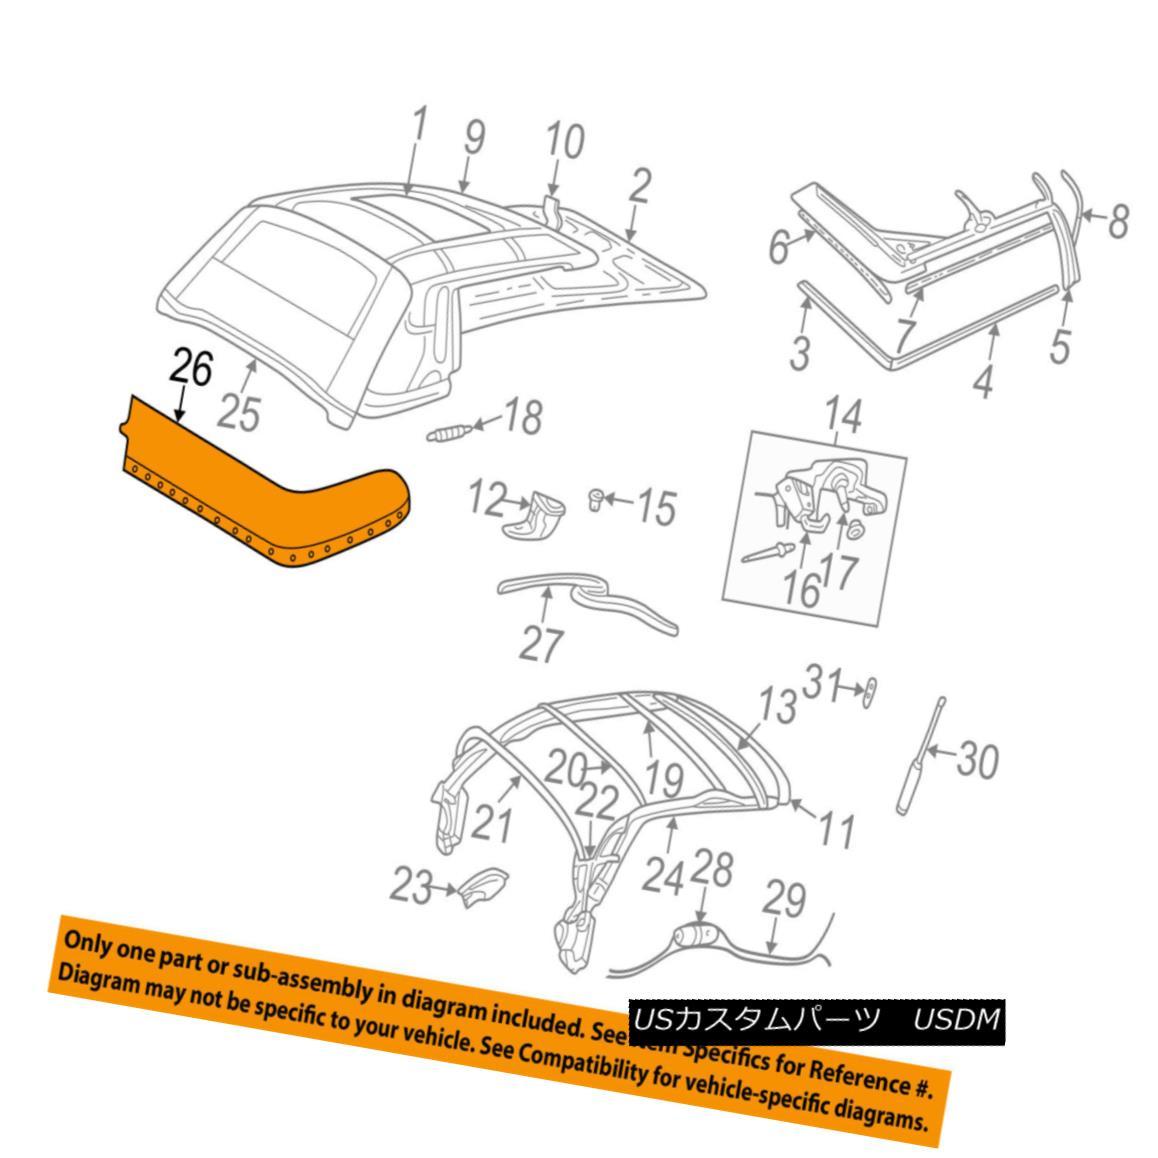 幌・ソフトトップ CHRYSLER OEM 02-05 Sebring Convertible/soft Top-Boot UP46XT5AD CHRYSLER OEM 02-05セブリング・コンバーチブル/ so ftトップ・ブートUP46XT5AD